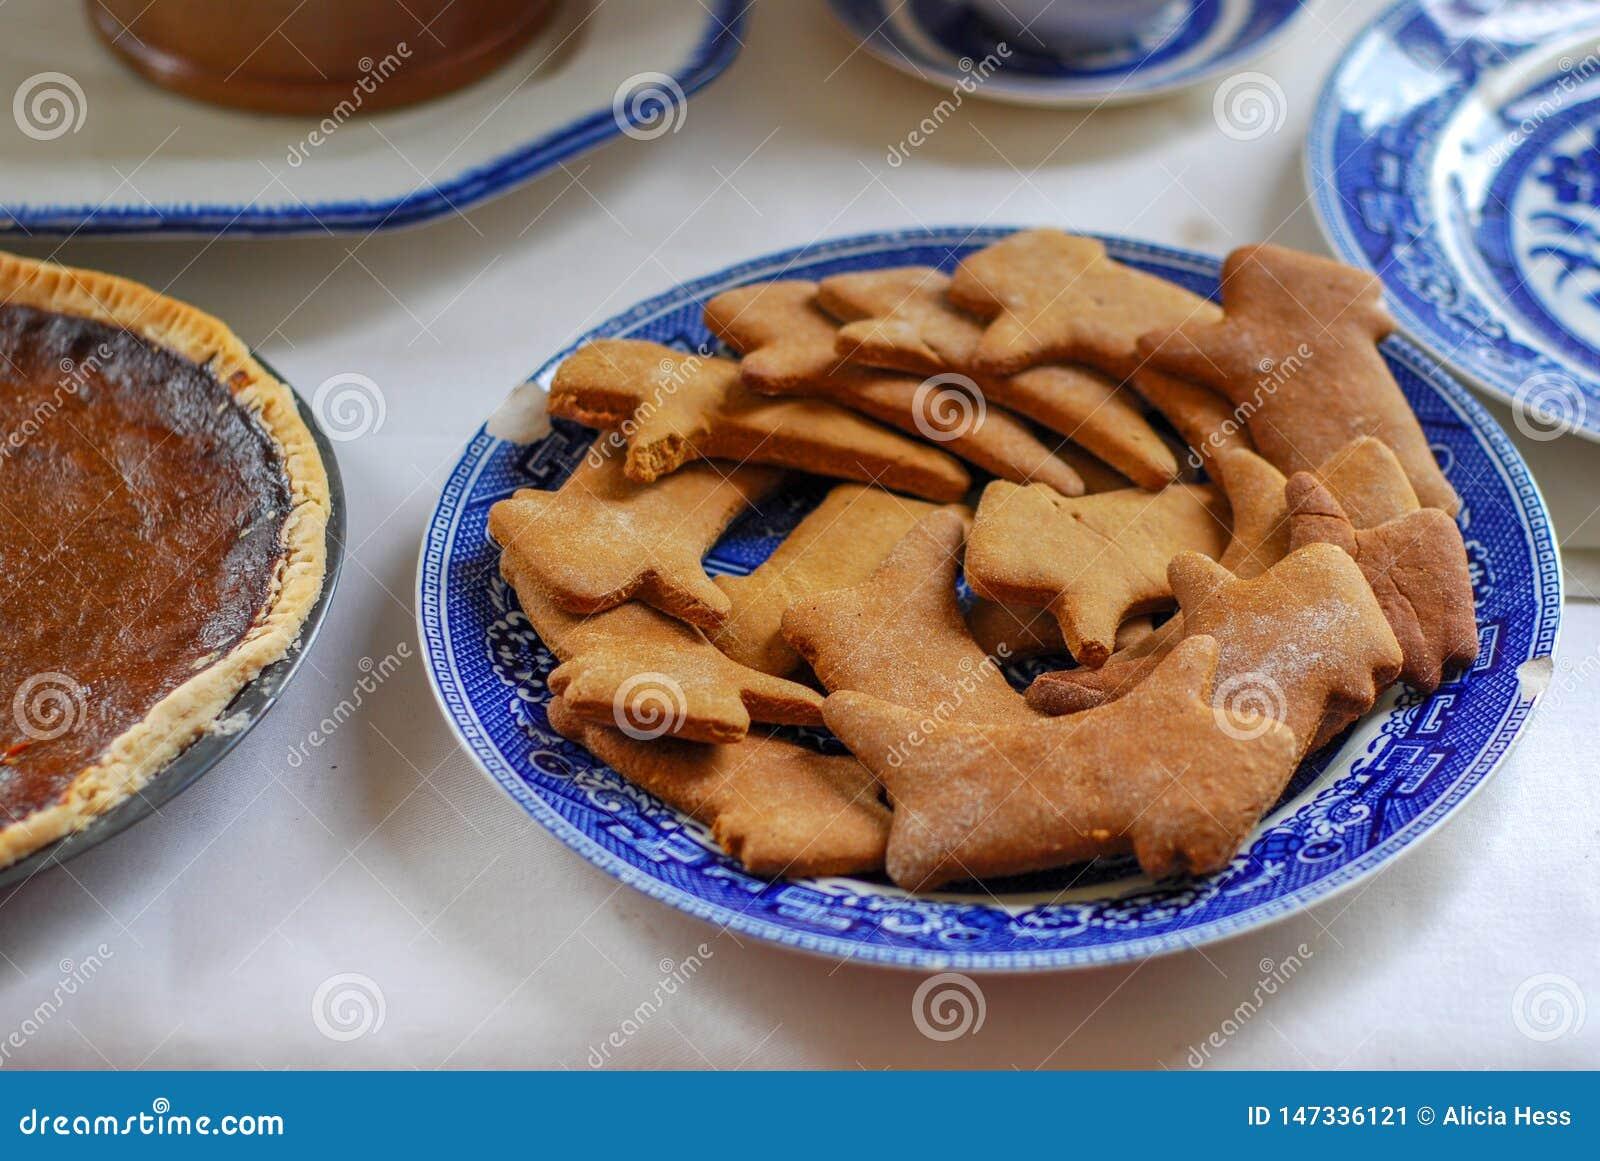 Biscotti deliziosi del pan di zenzero su un piatto antico blu